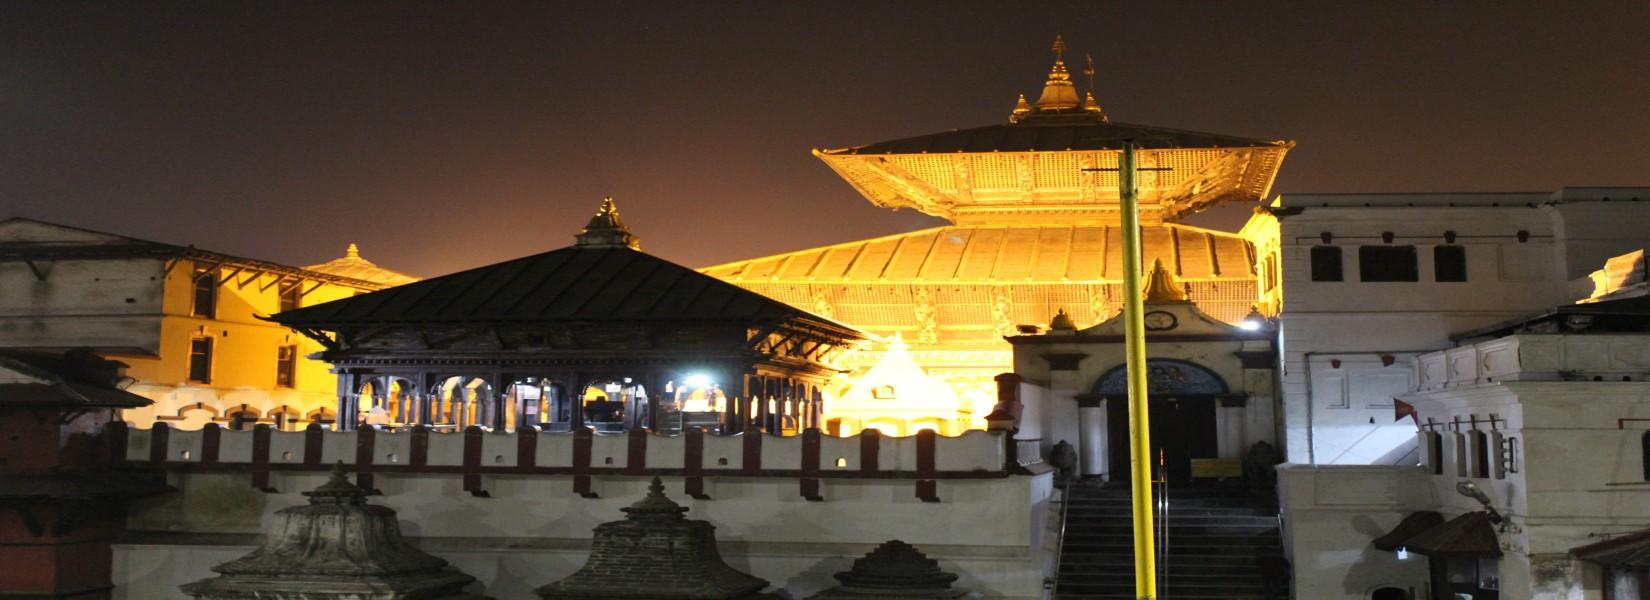 1 Day Tour - UNESCO World Heritage Tour in Kathmandu